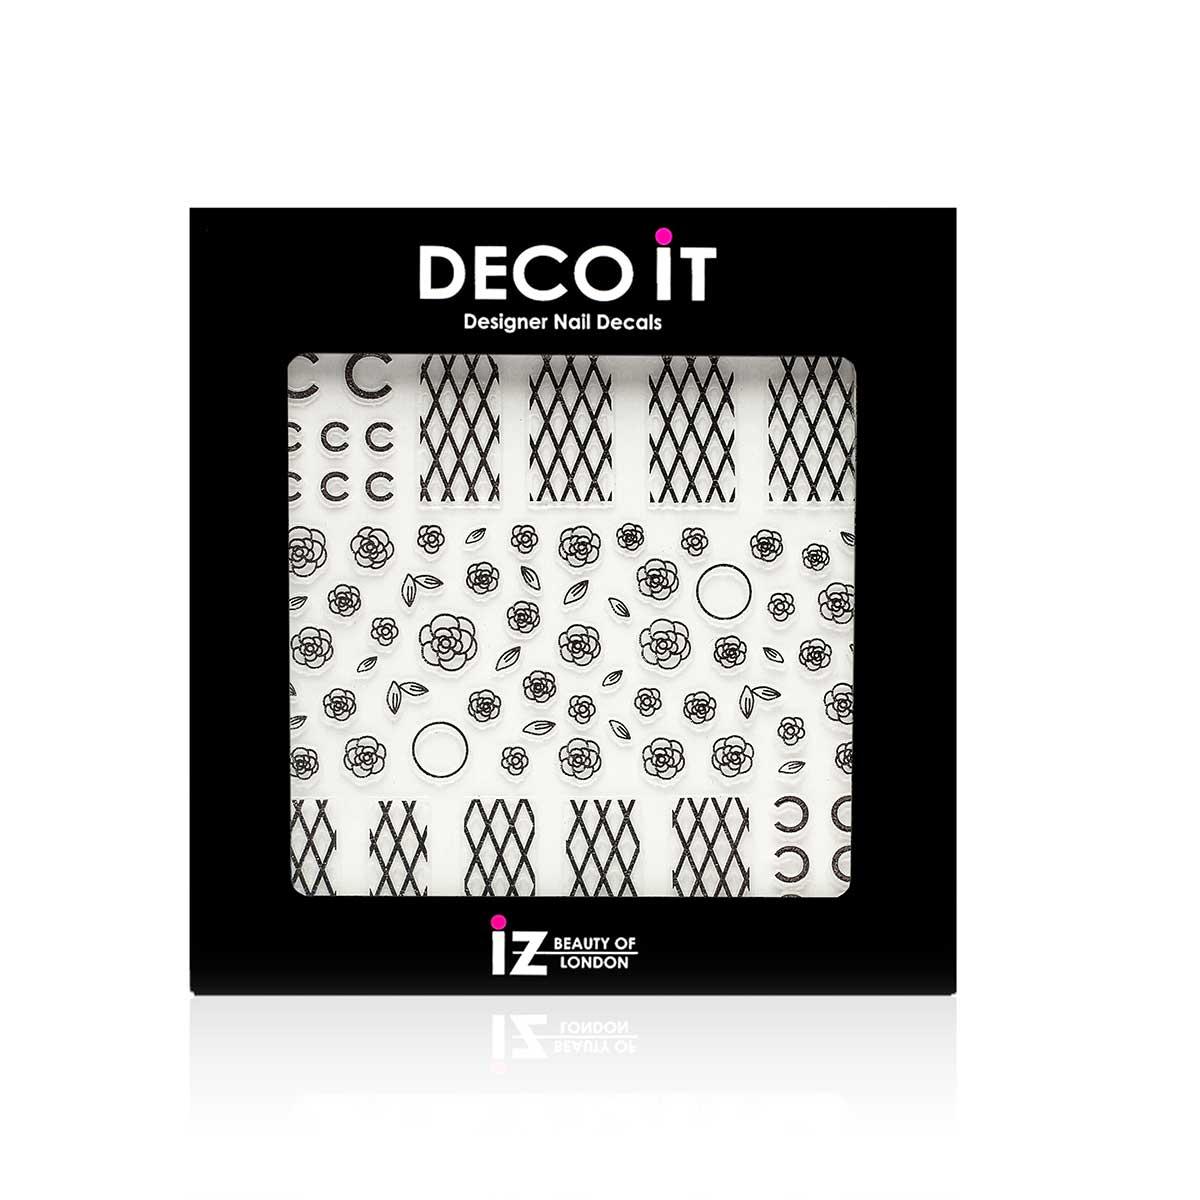 DECCHF-DECO-iT-Cross-Hatch-Flower